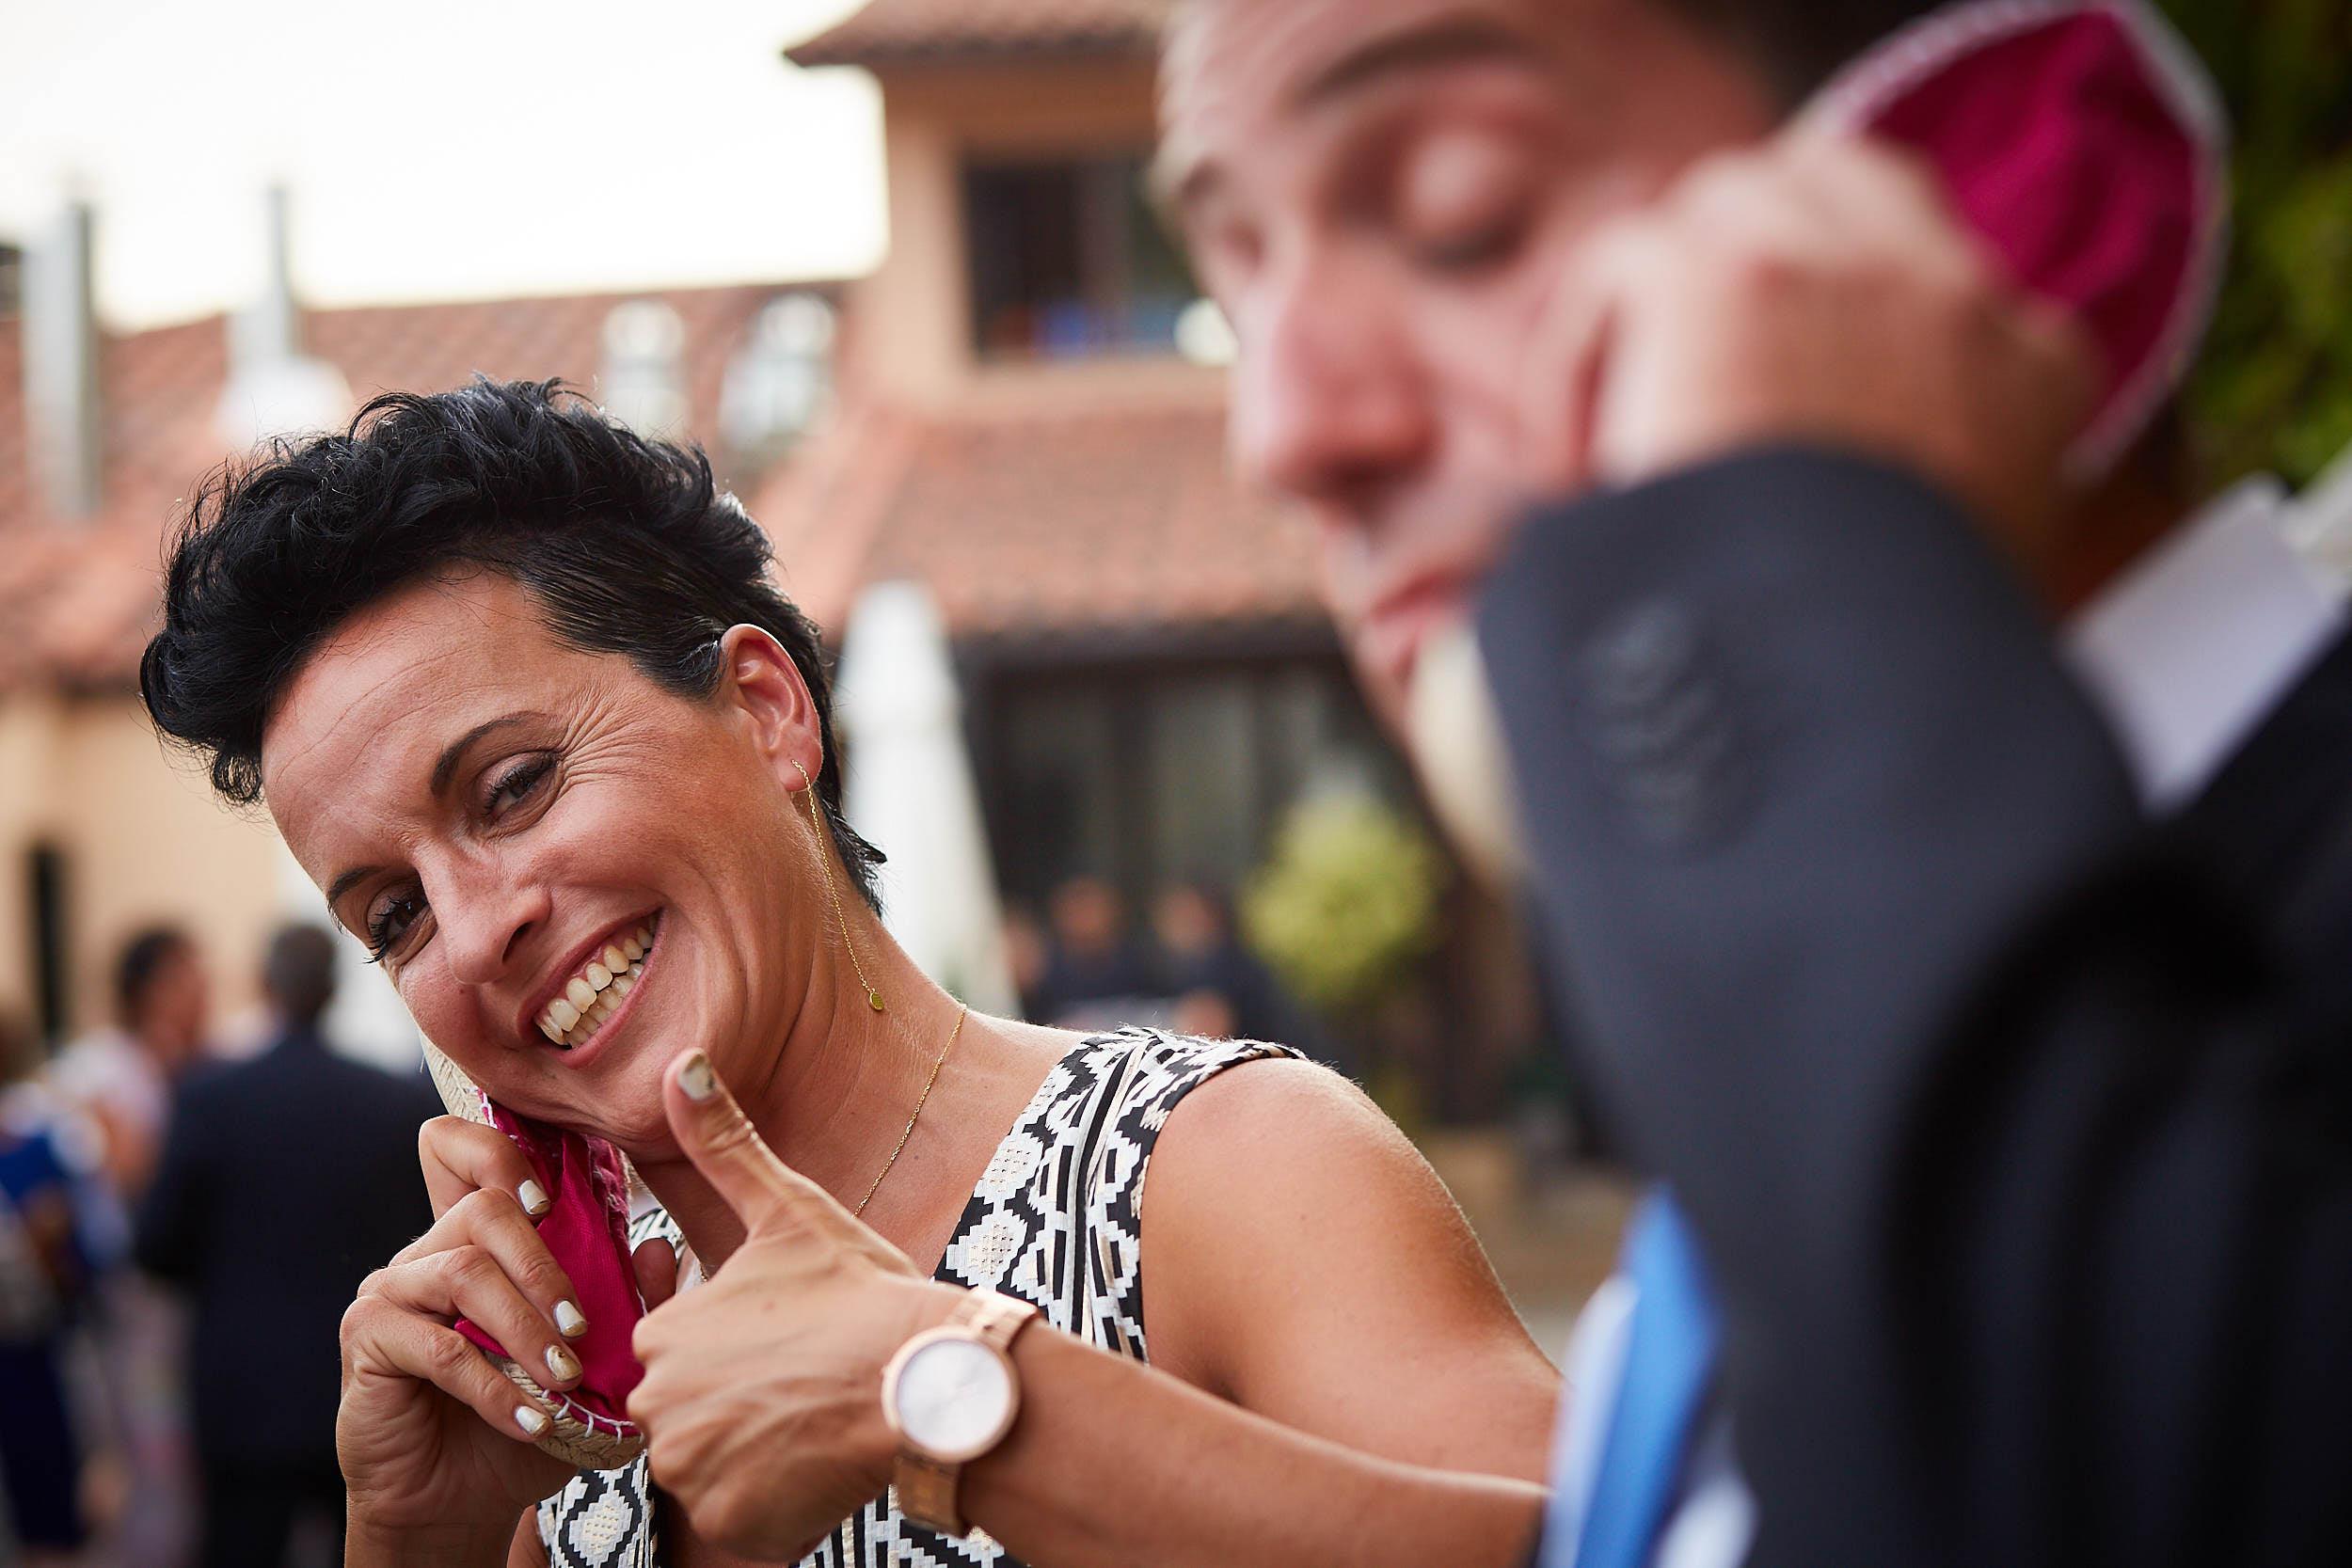 Fotógrafo de boda con estilo documental y fotoperiodismo en La Rioja Palacio Casafuerte Zarraton La Rioja Spain James Sturcke Photographer sturcke.org_00029.jpg